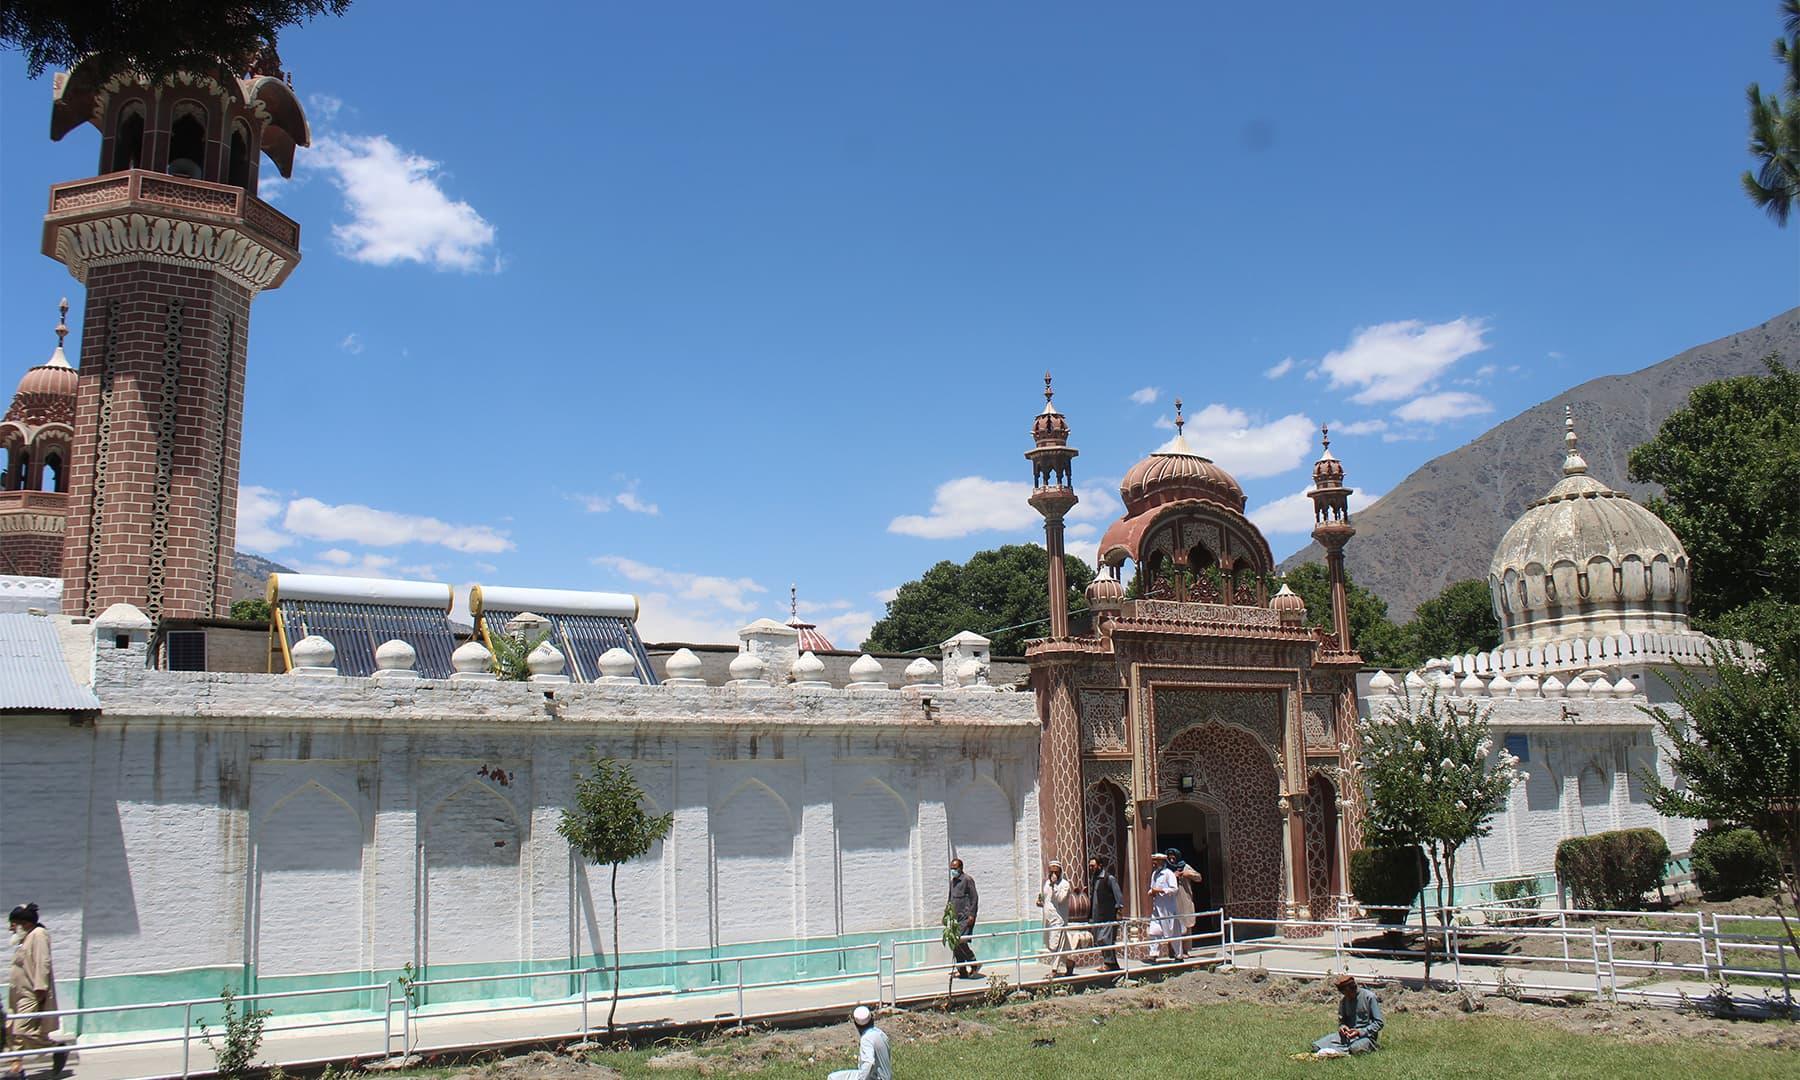 شاہی مسجد چترال